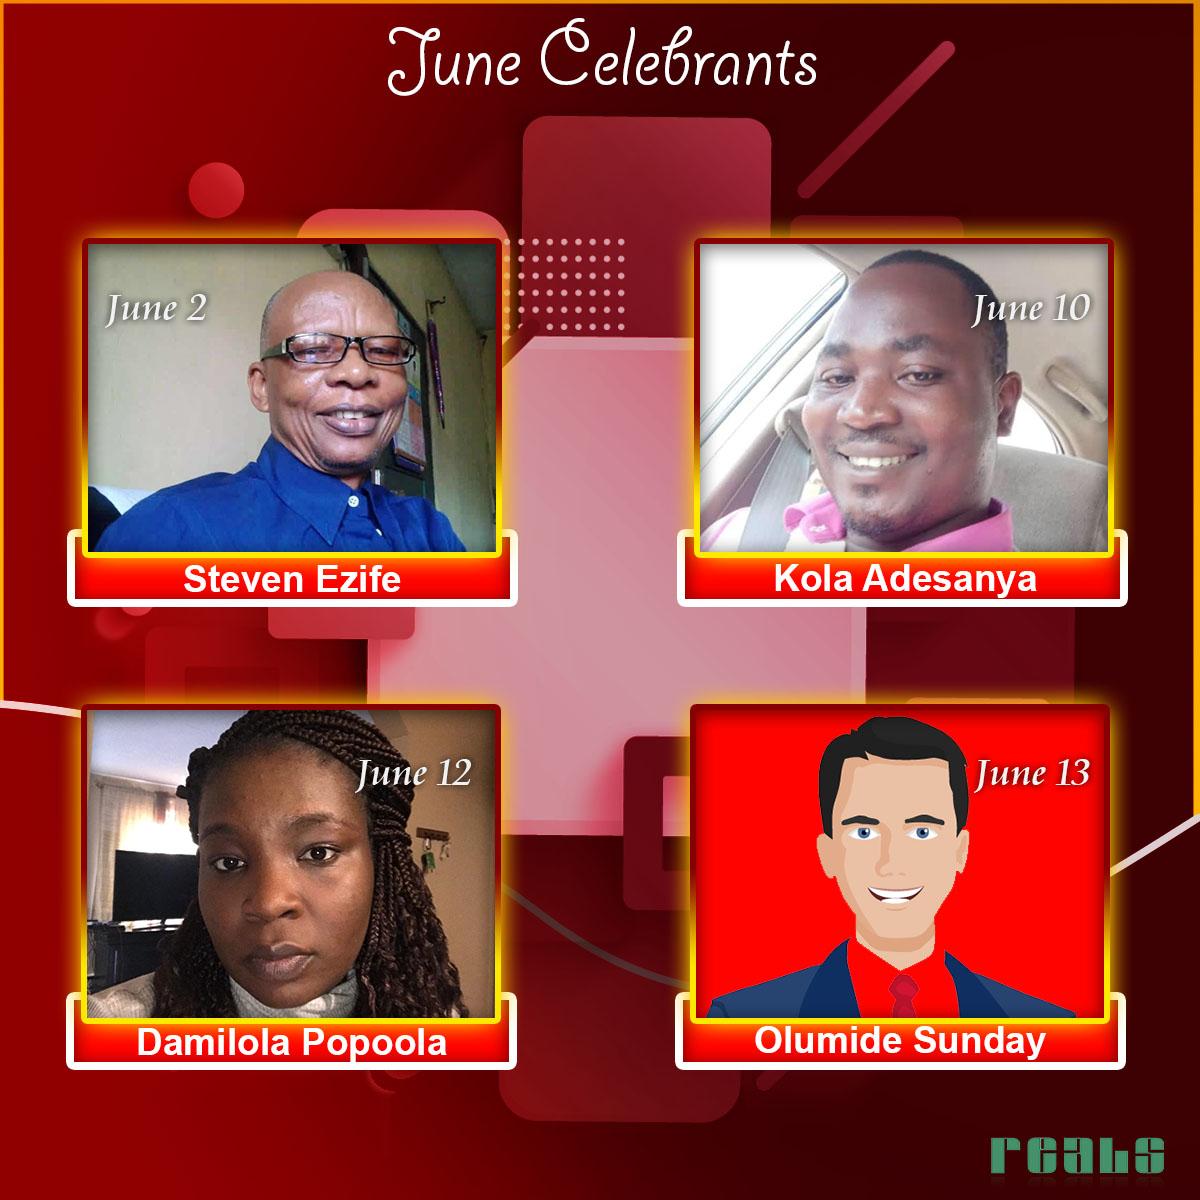 June Celebrants